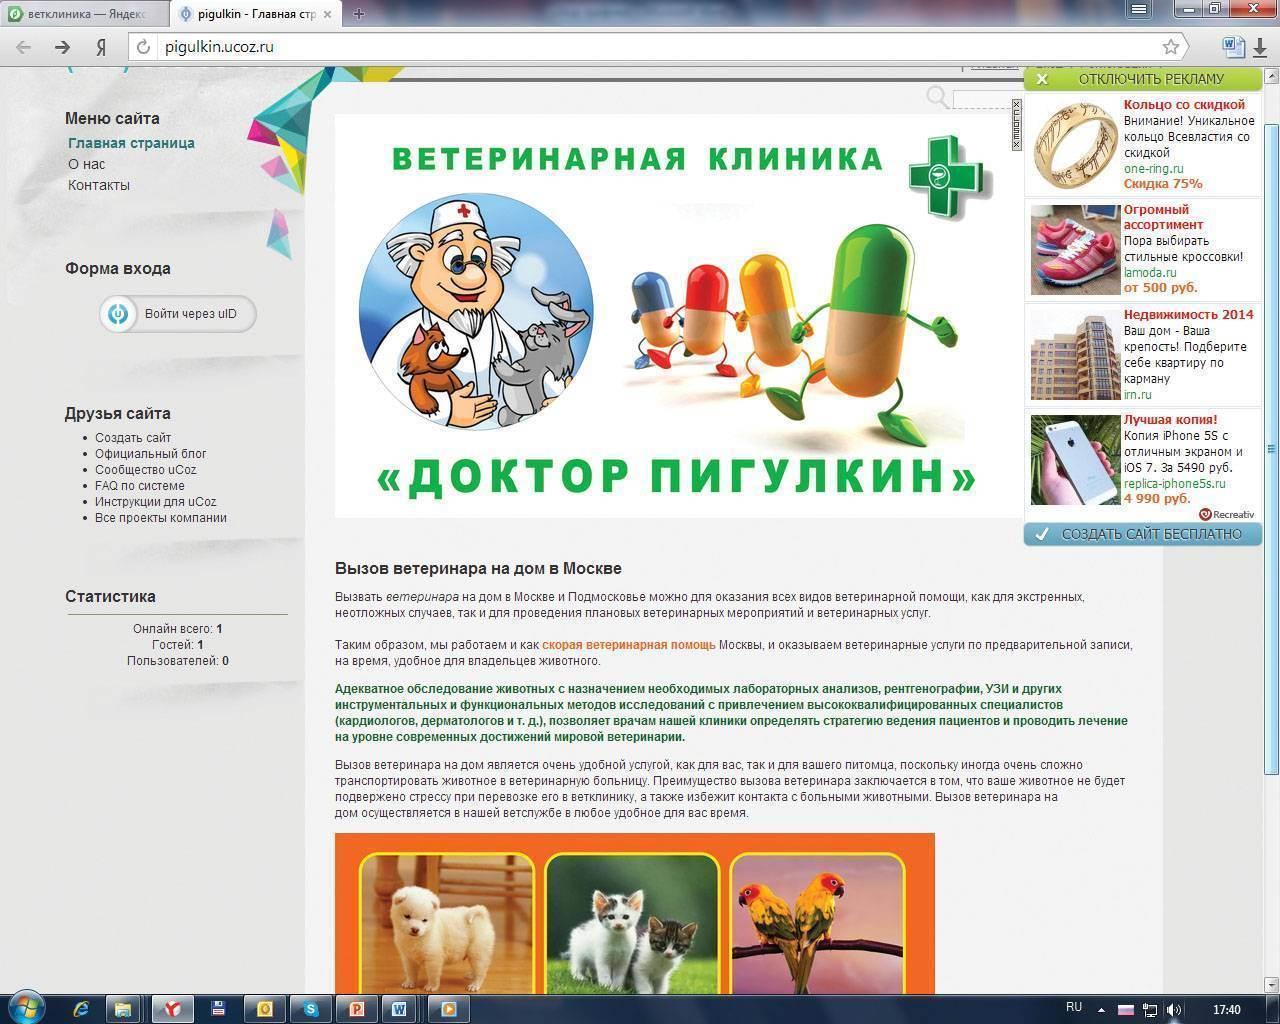 Зообизнес в россии